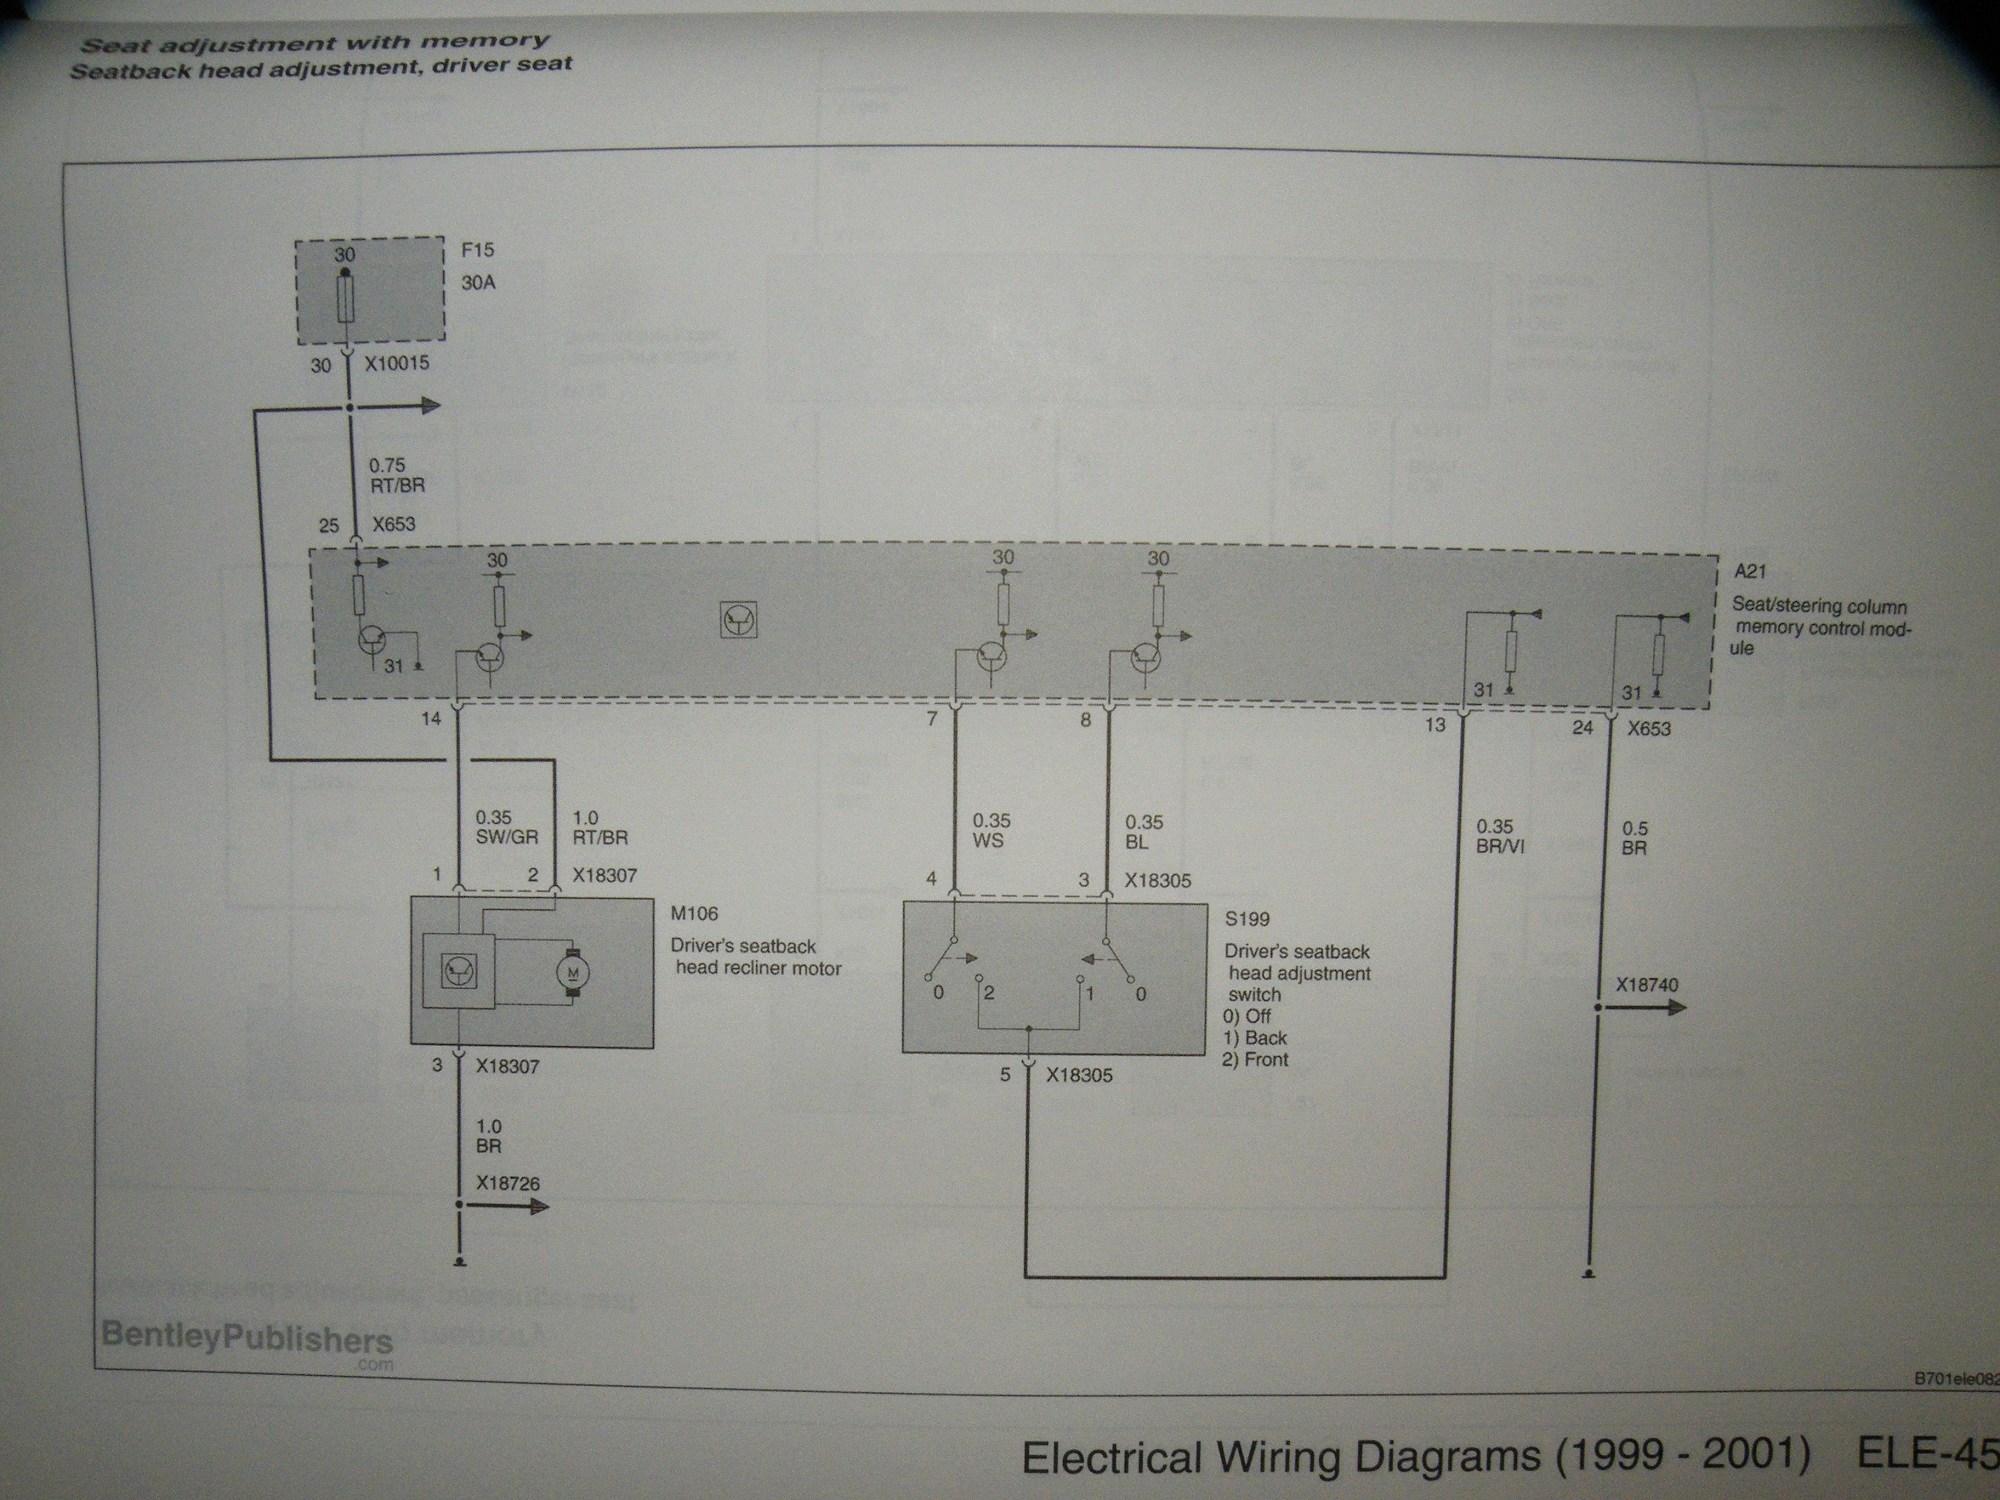 Siege électrique Bmw e38 - Page 3 Dscf3212